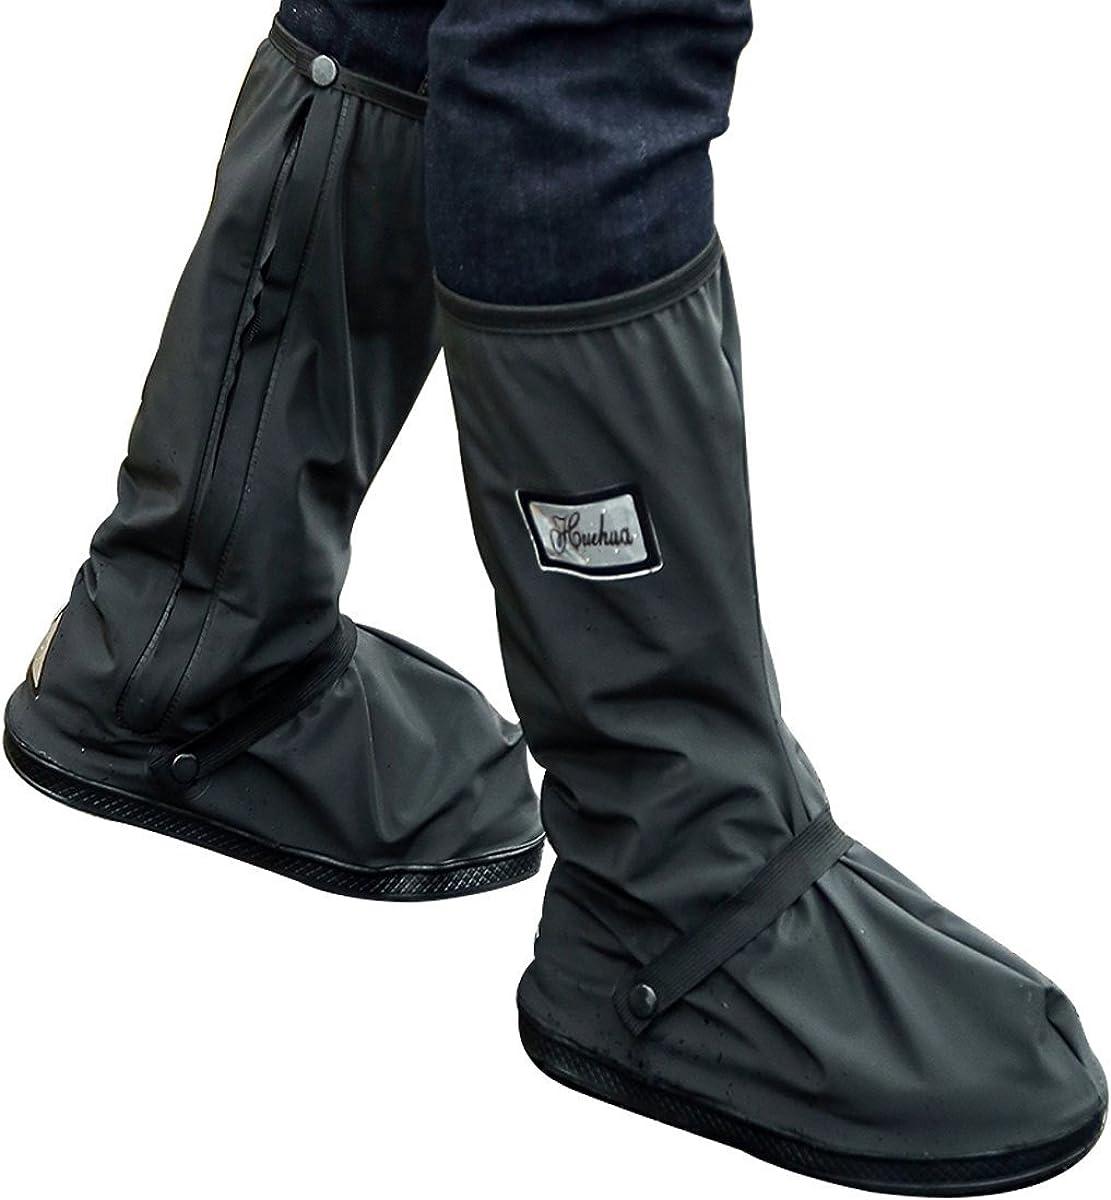 cubierta de zapatos a prueba de agua con cremalleras resistentes y tacones reflectantes Sharbay Cubiertas para botas de lluvia